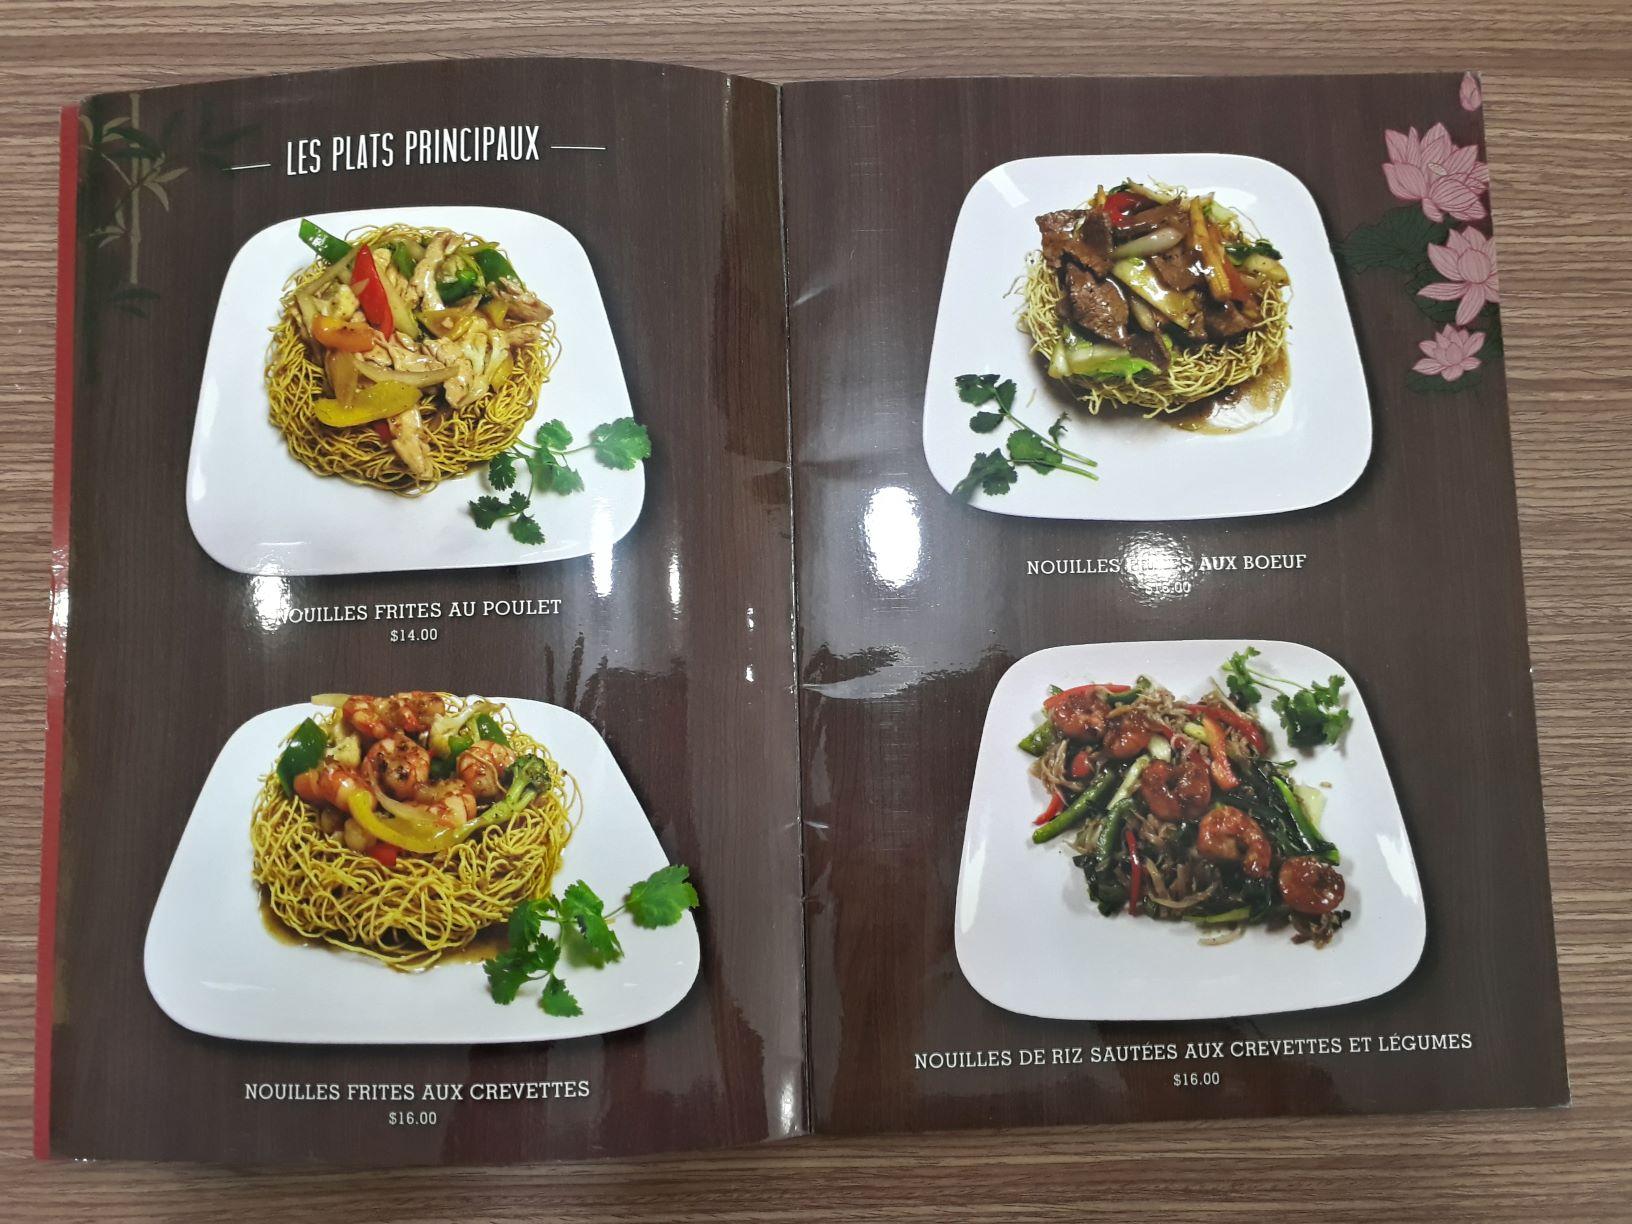 Đánh lừa thị giác người dùng bằng những hình ảnh món ăn ngon trong menu là cách tốt nhất để tăng sự thích thú cho khách hàng